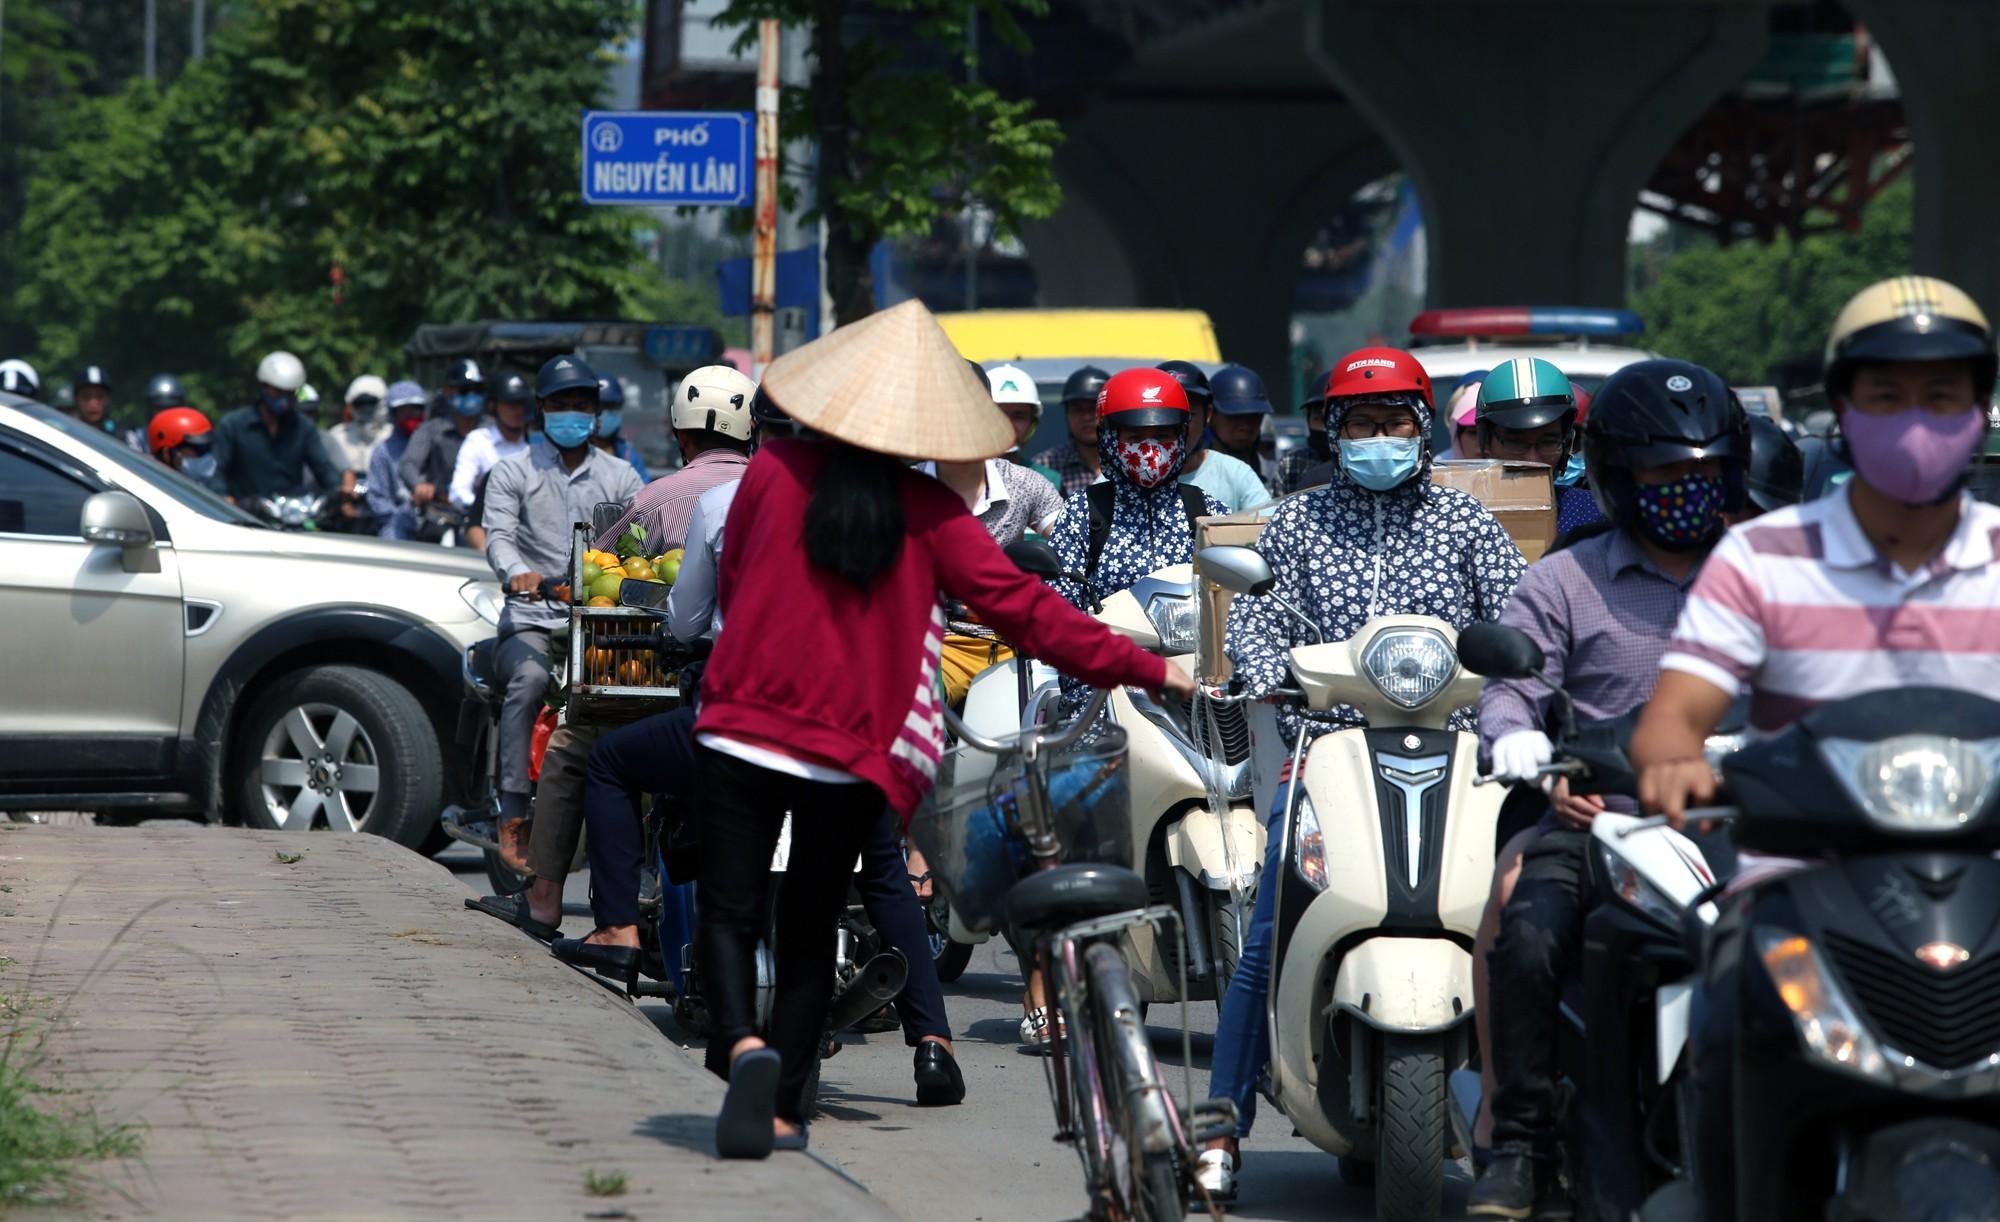 Phơi nắng cháy da trên đường Trường Chinh vì ùn tắc - Ảnh 10.